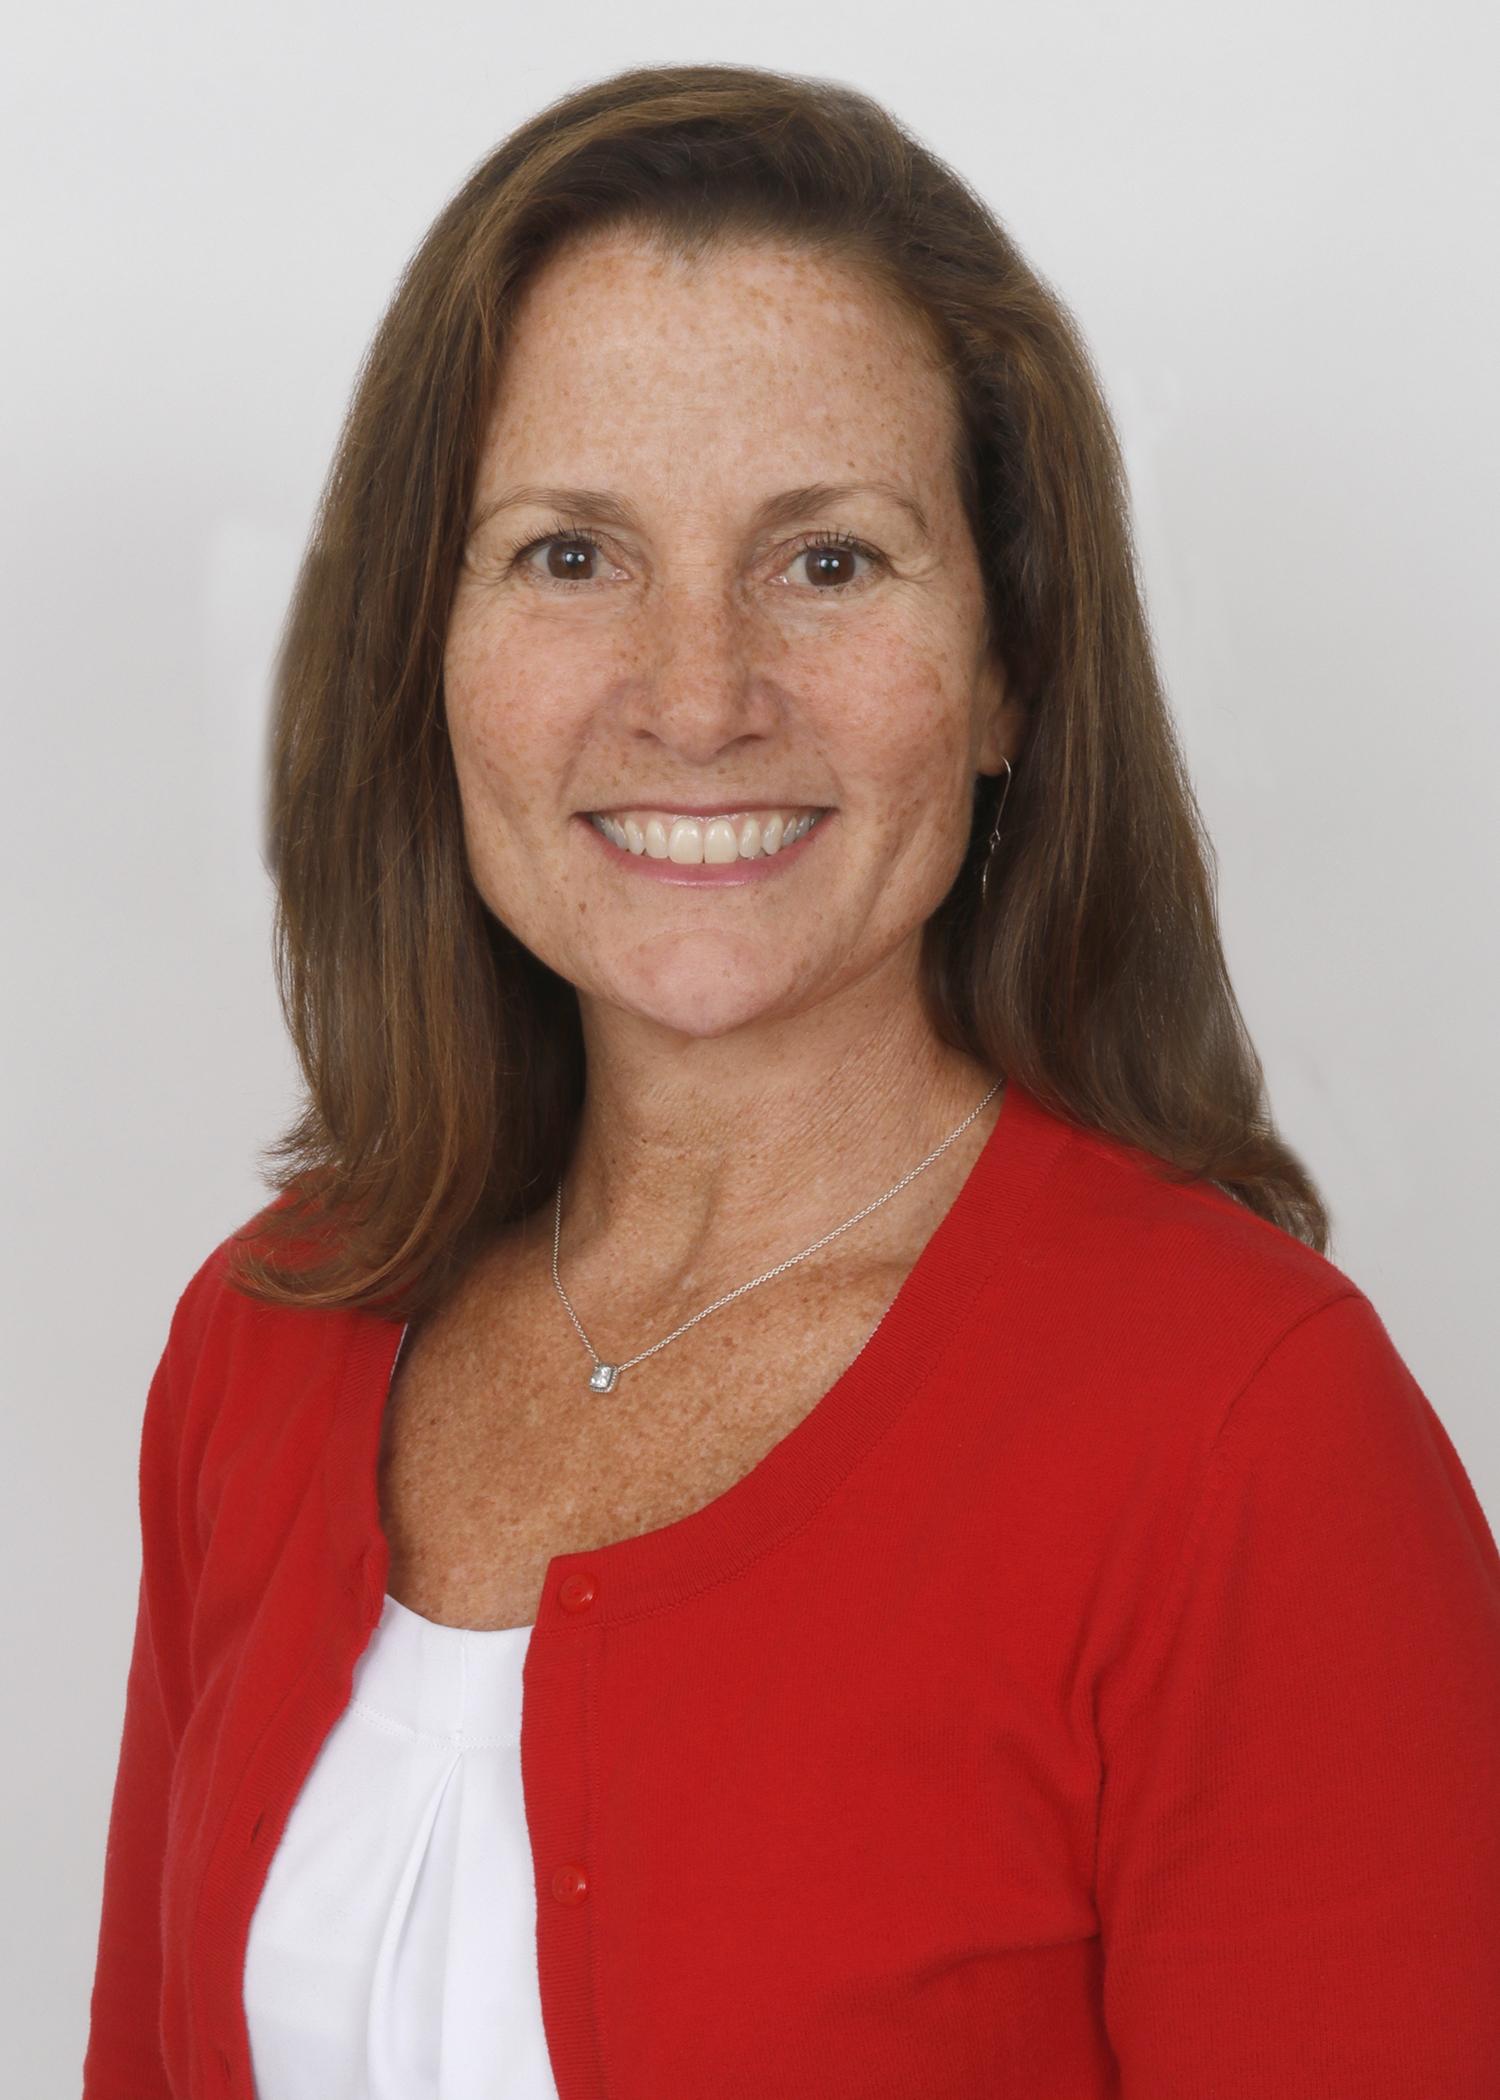 Meet Lisa Sabelhaus